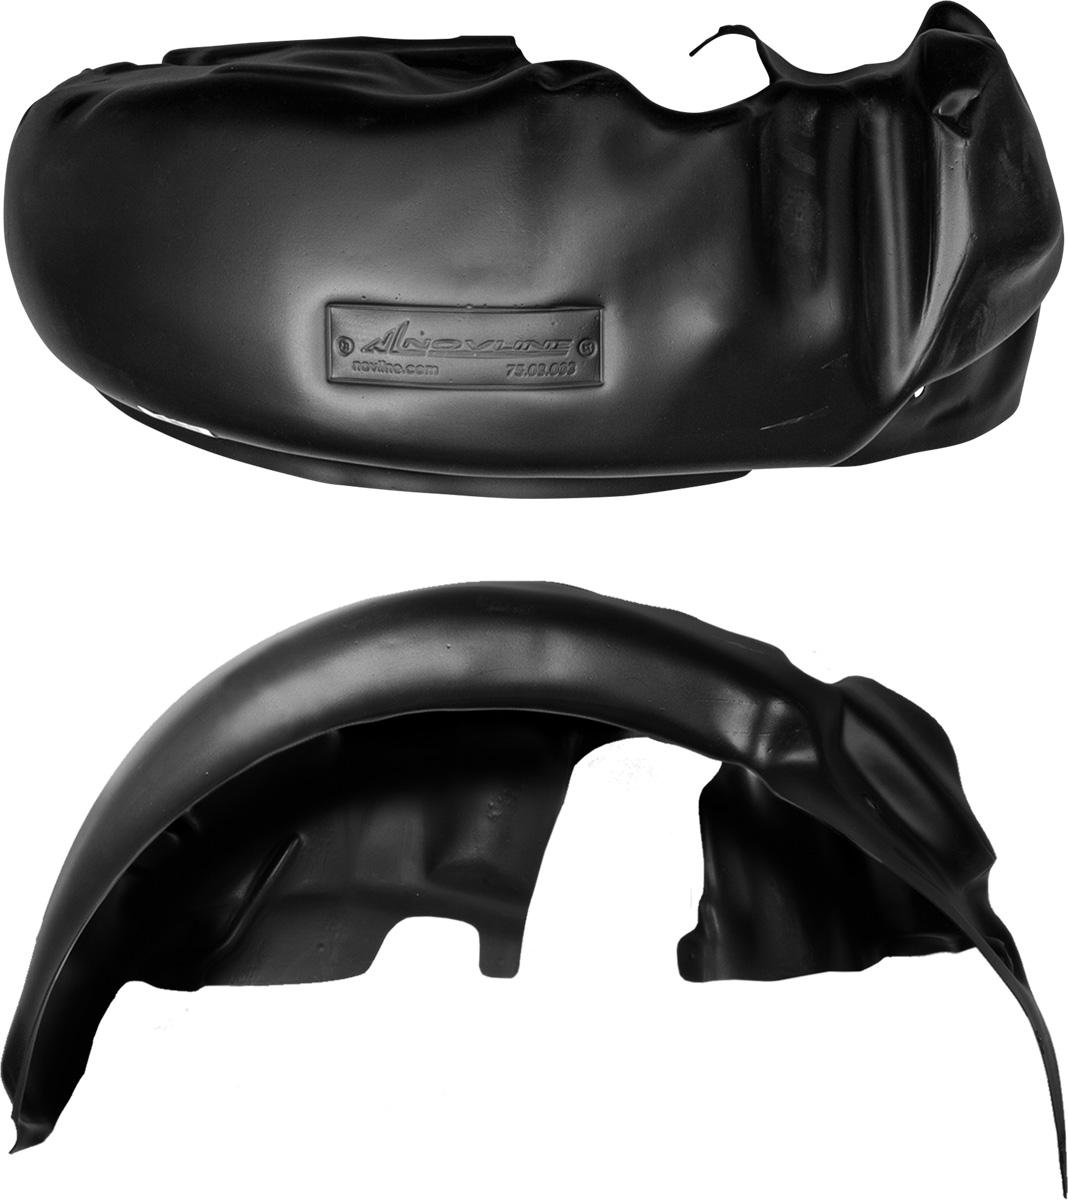 Подкрылок Novline-Autofamily, для Кia Rio, 2011->, седан, хэтчбек, передний левыйNLL.25.38.001Колесные ниши - одни из самых уязвимых зон днища вашего автомобиля. Они постоянно подвергаются воздействию со стороны дороги. Лучшая, почти абсолютная защита для них - специально отформованные пластиковые кожухи, которые называются подкрылками. Производятся они как для отечественных моделей автомобилей, так и для иномарок. Подкрылки Novline-Autofamily выполнены из высококачественного, экологически чистого пластика. Обеспечивают надежную защиту кузова автомобиля от пескоструйного эффекта и негативного влияния, агрессивных антигололедных реагентов. Пластик обладает более низкой теплопроводностью, чем металл, поэтому в зимний период эксплуатации использование пластиковых подкрылков позволяет лучше защитить колесные ниши от налипания снега и образования наледи. Оригинальность конструкции подчеркивает элегантность автомобиля, бережно защищает нанесенное на днище кузова антикоррозийное покрытие и позволяет осуществить крепление подкрылков внутри колесной арки практически без...